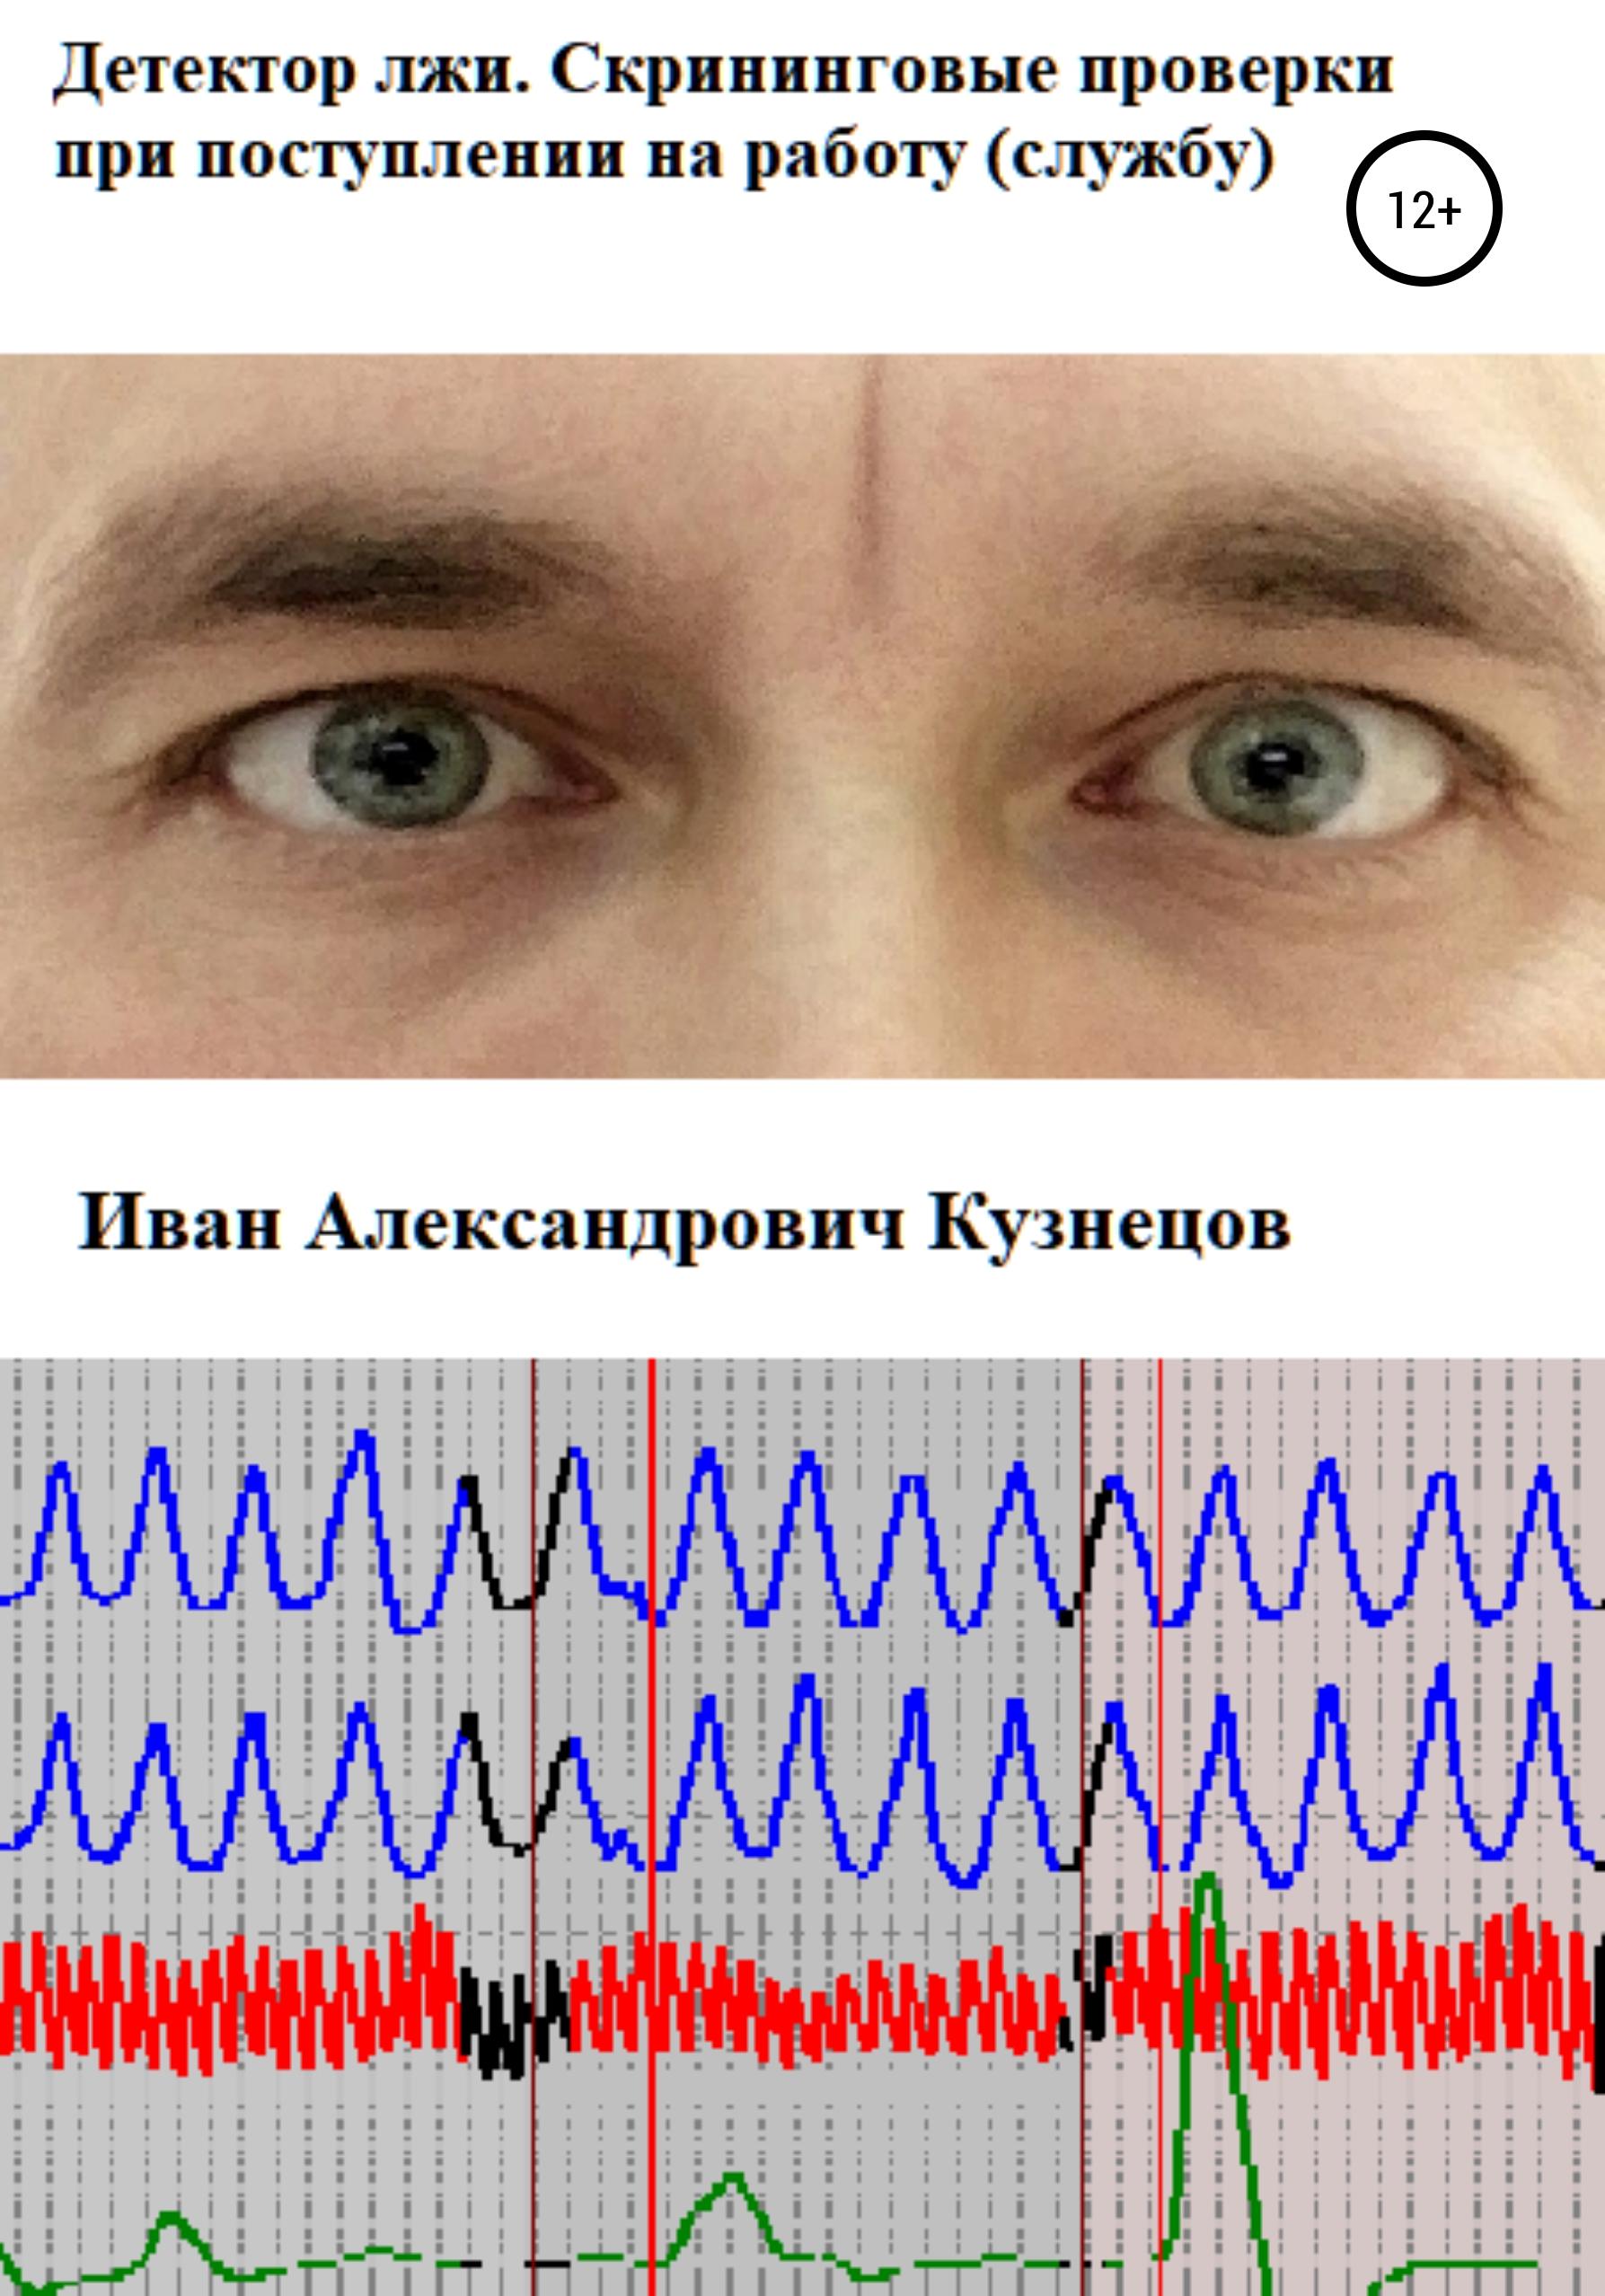 Иван Кузнецов - Полиграфолог. Скрининговые проверки при трудоустройстве